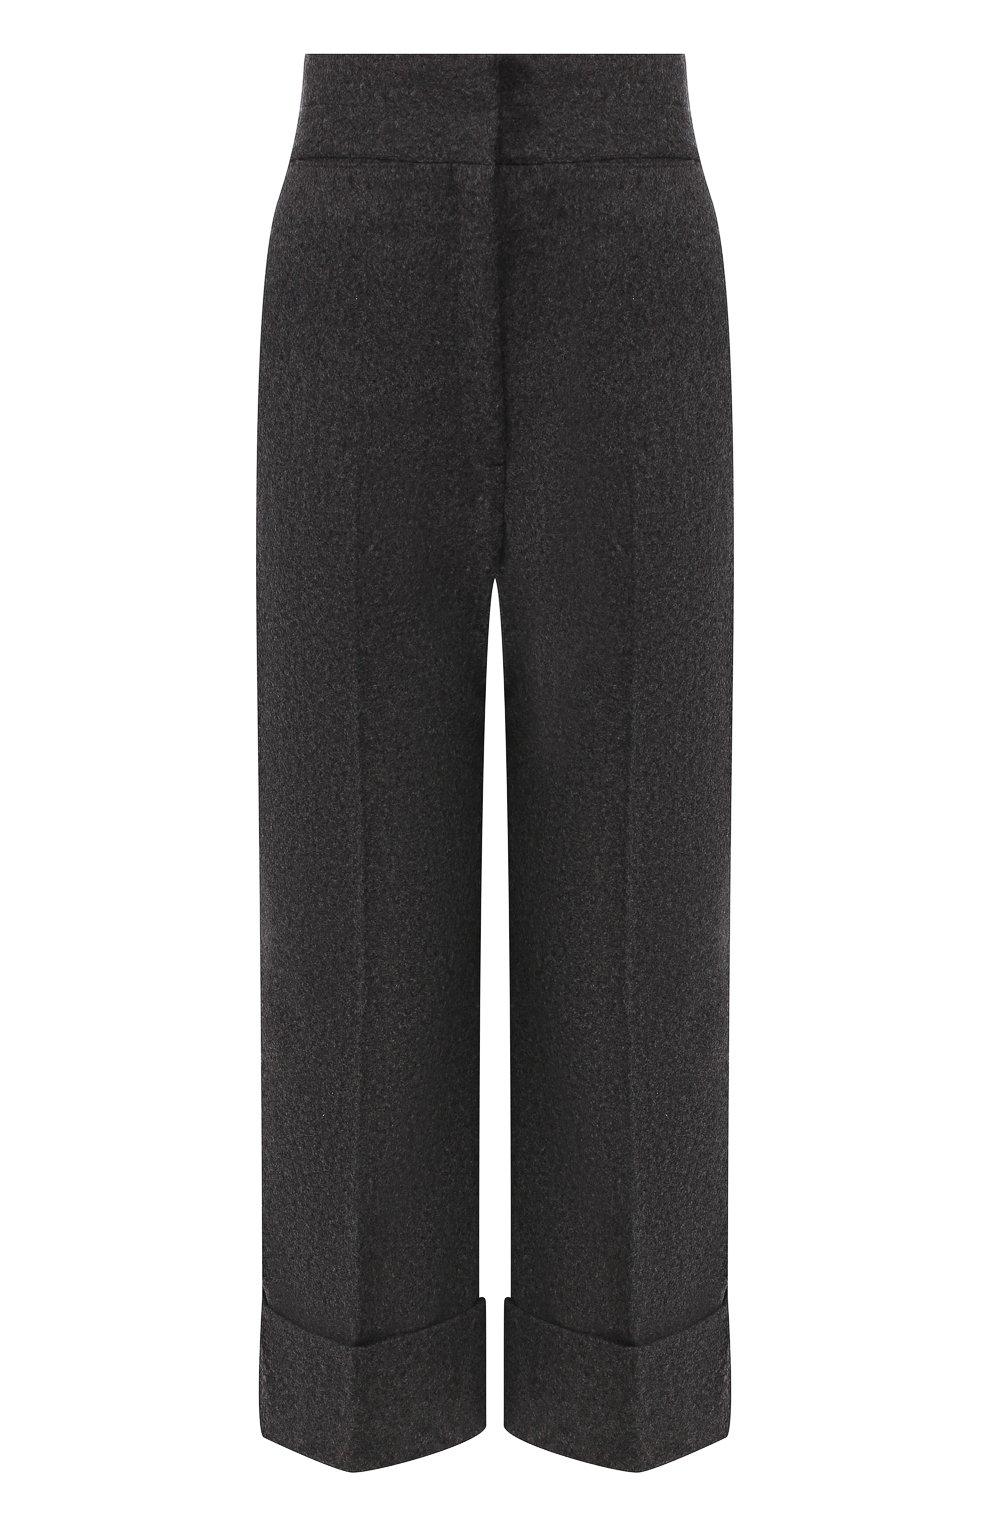 Женские шерстяные брюки LEMAIRE темно-серого цвета, арт. W 193 PA261 LF393 | Фото 1 (Материал внешний: Шерсть; Женское Кросс-КТ: Брюки-одежда; Материал подклада: Синтетический материал; Длина (брюки, джинсы): Укороченные; Статус проверки: Проверена категория)